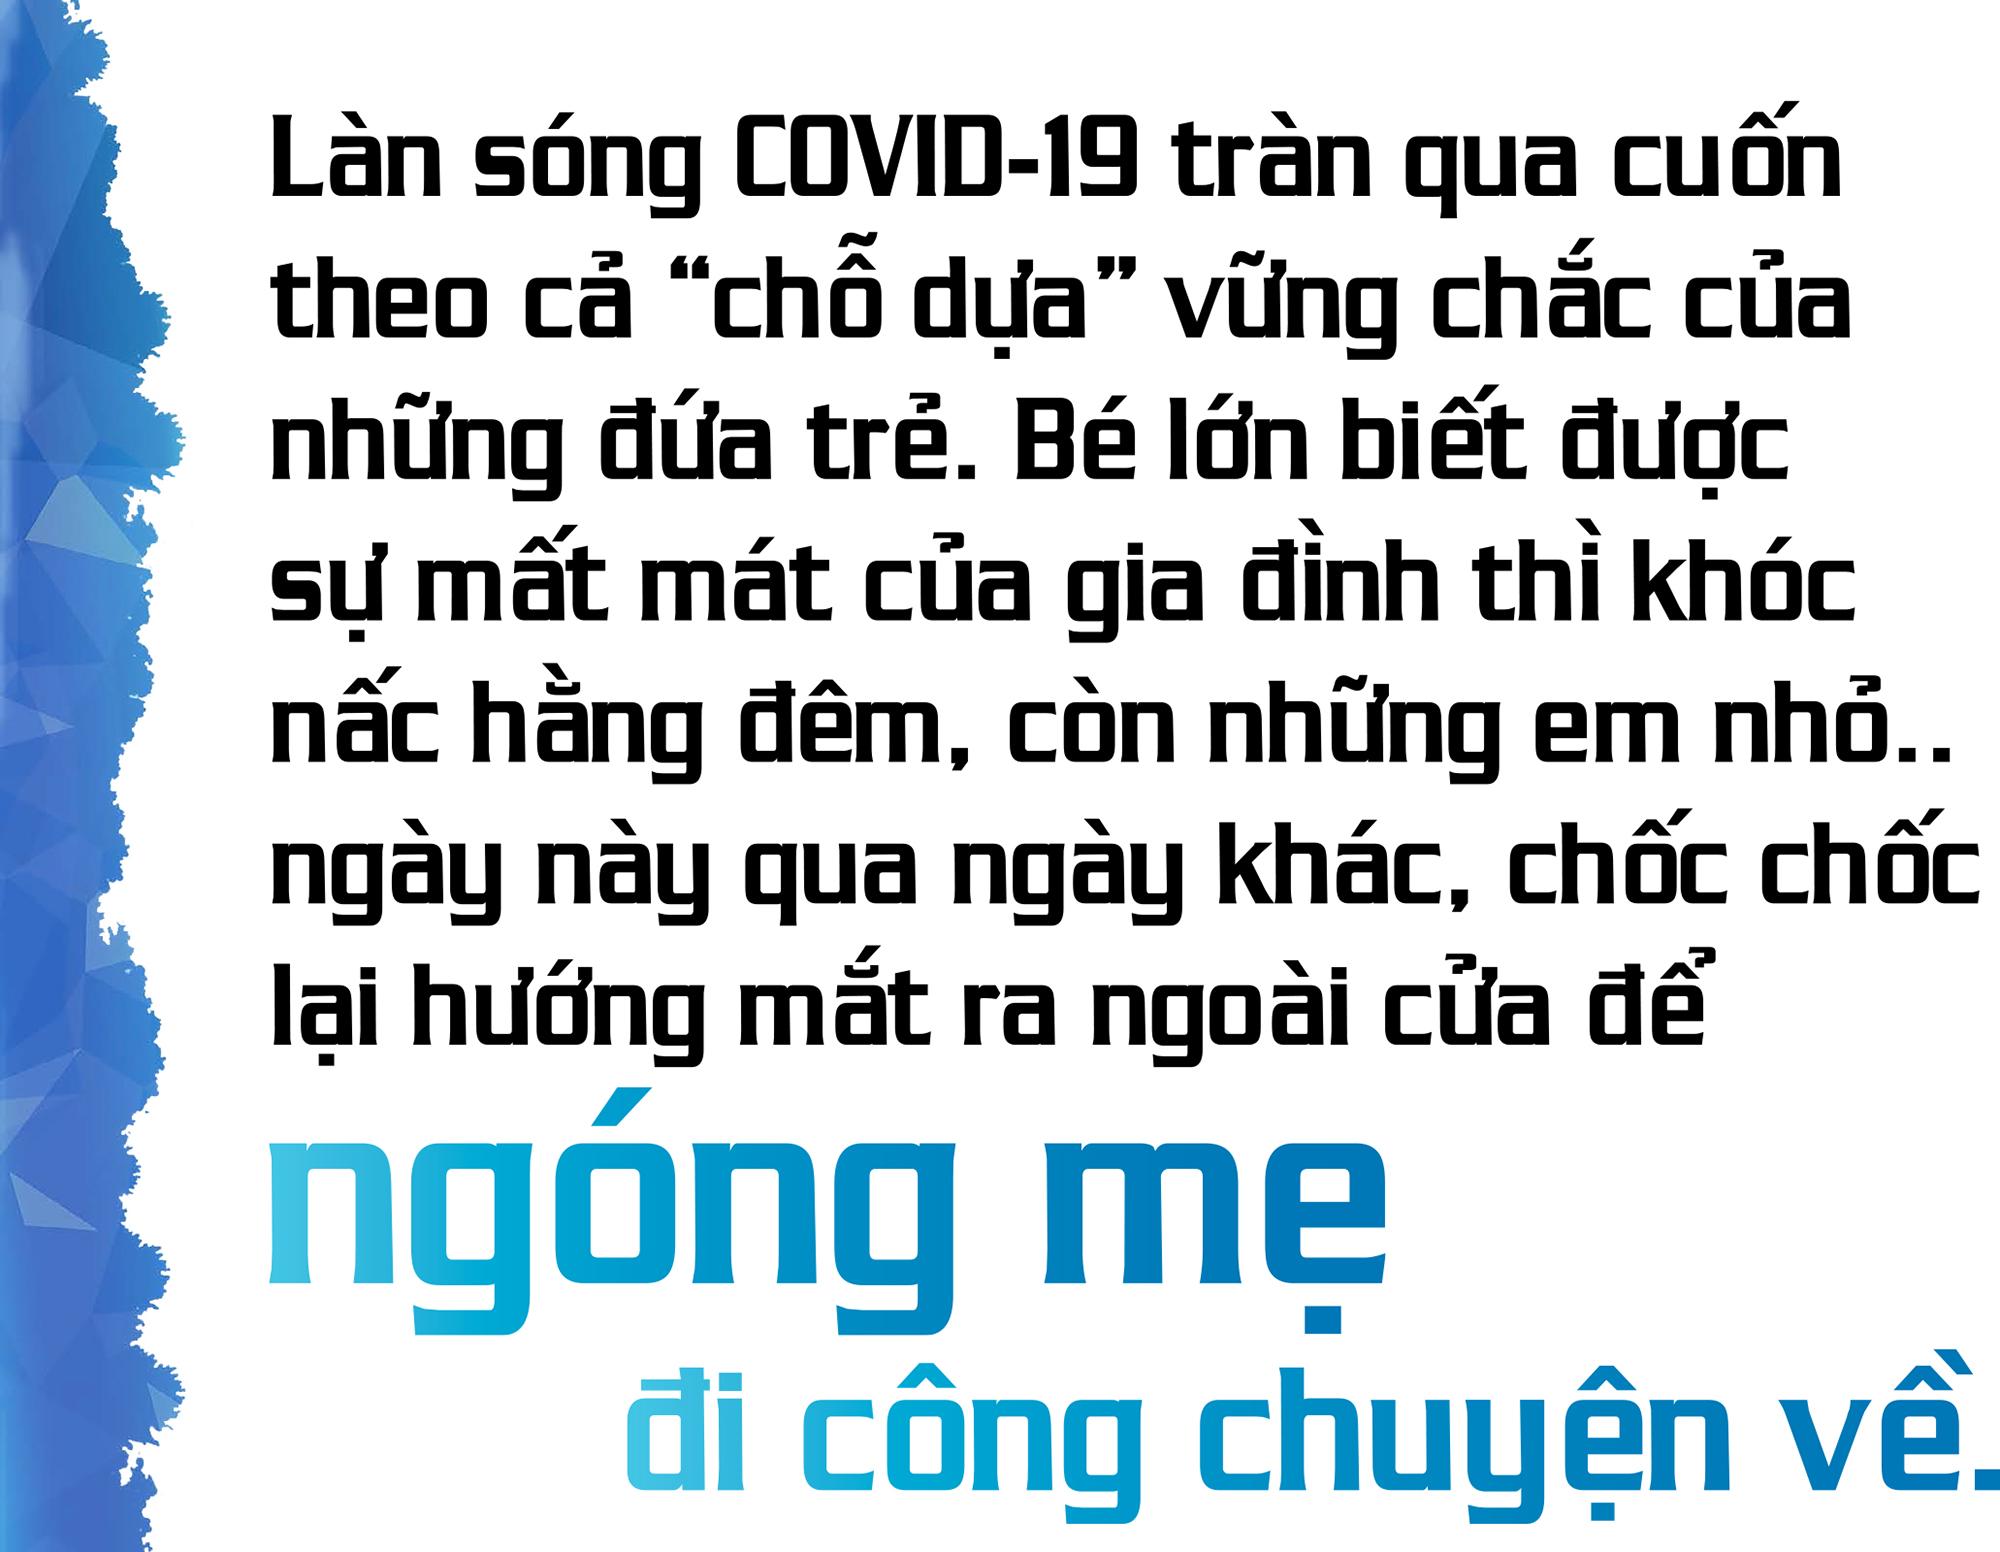 Đai dịch khốc liệt tại TP Hồ Chí Minh 1: Quặn lòng những đứa trẻ chờ mẹ trong tuyệt vọng - Ảnh 1.